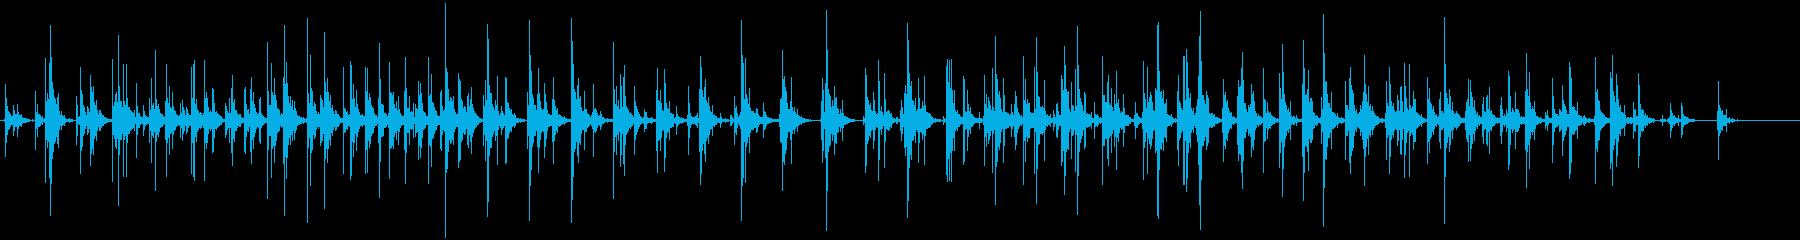 スモールスタジオオーディエンス:軽...の再生済みの波形